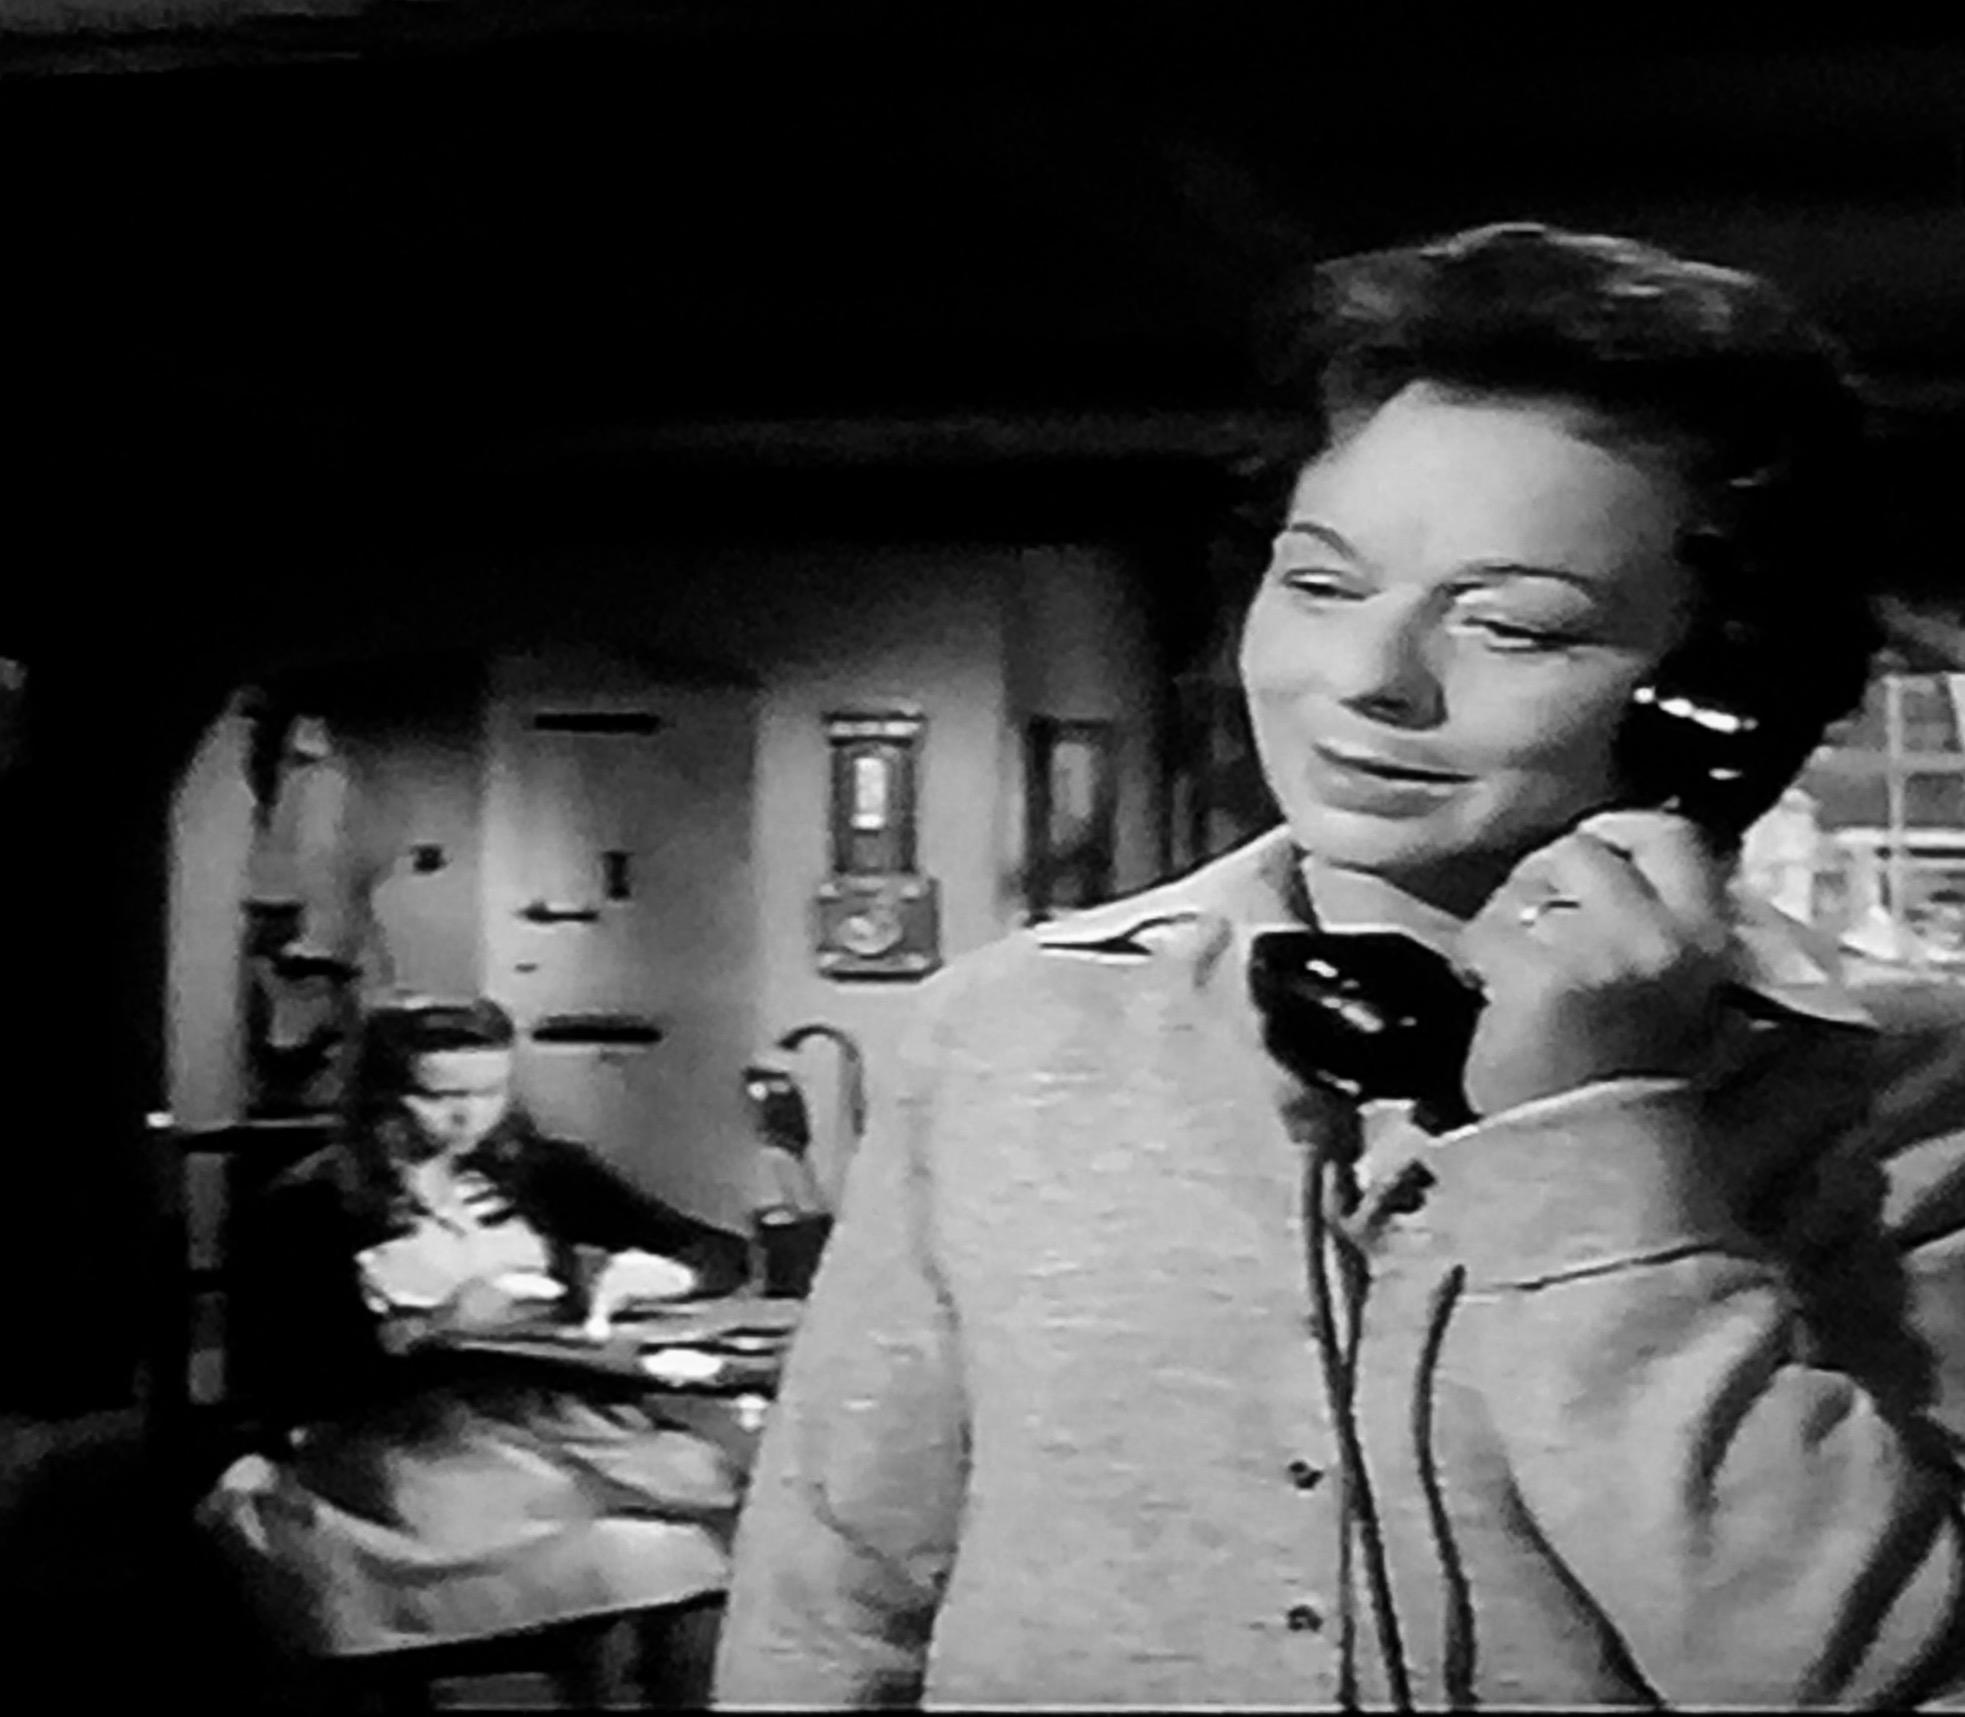 Gillian Lind in Don't Talk to Strange Men (1962)